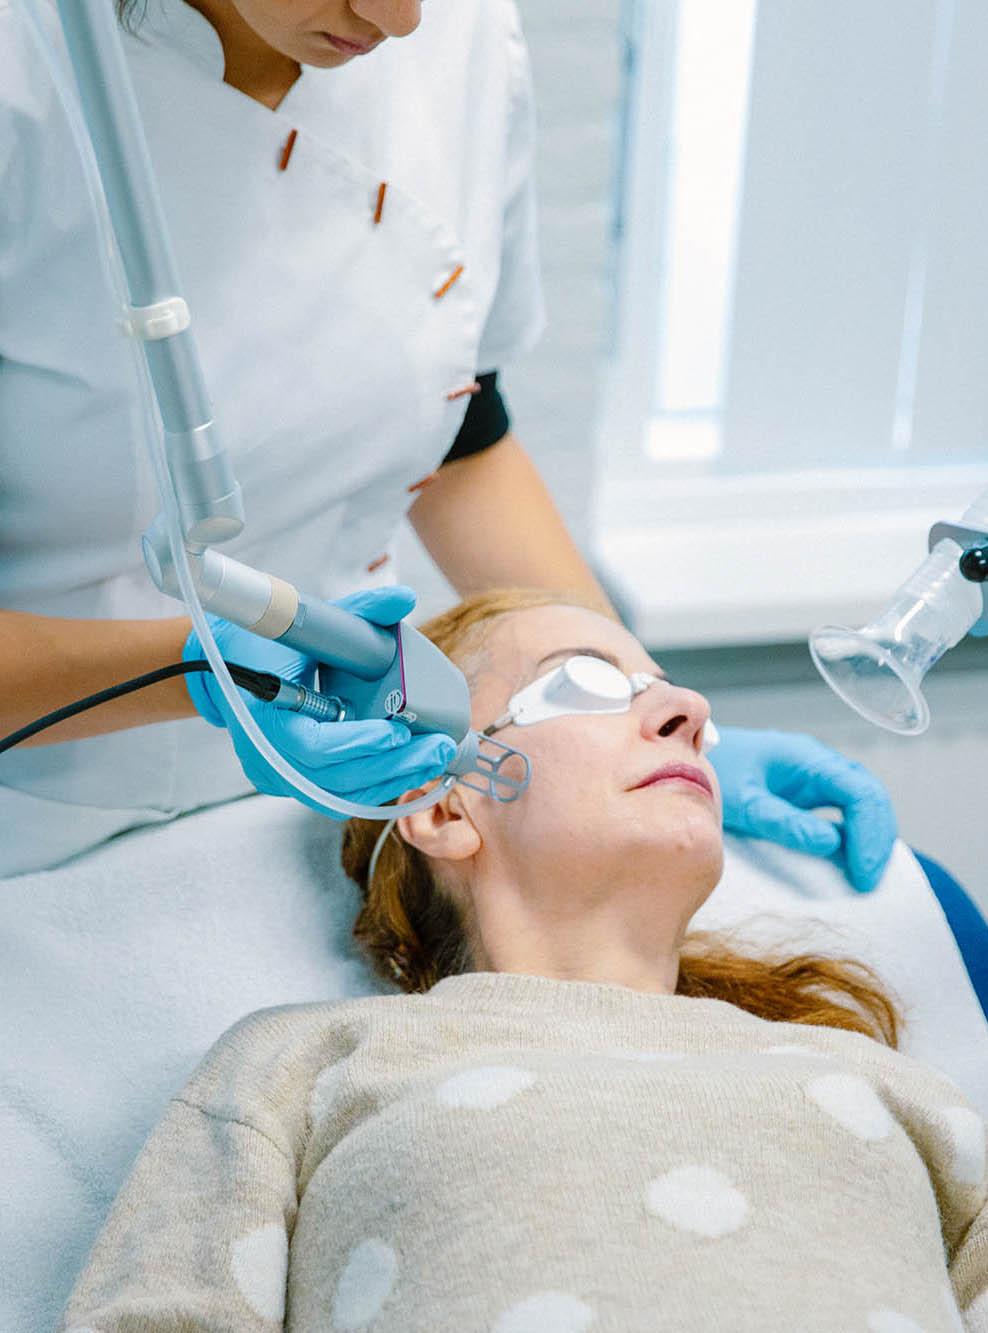 acné therapie leiderdorp